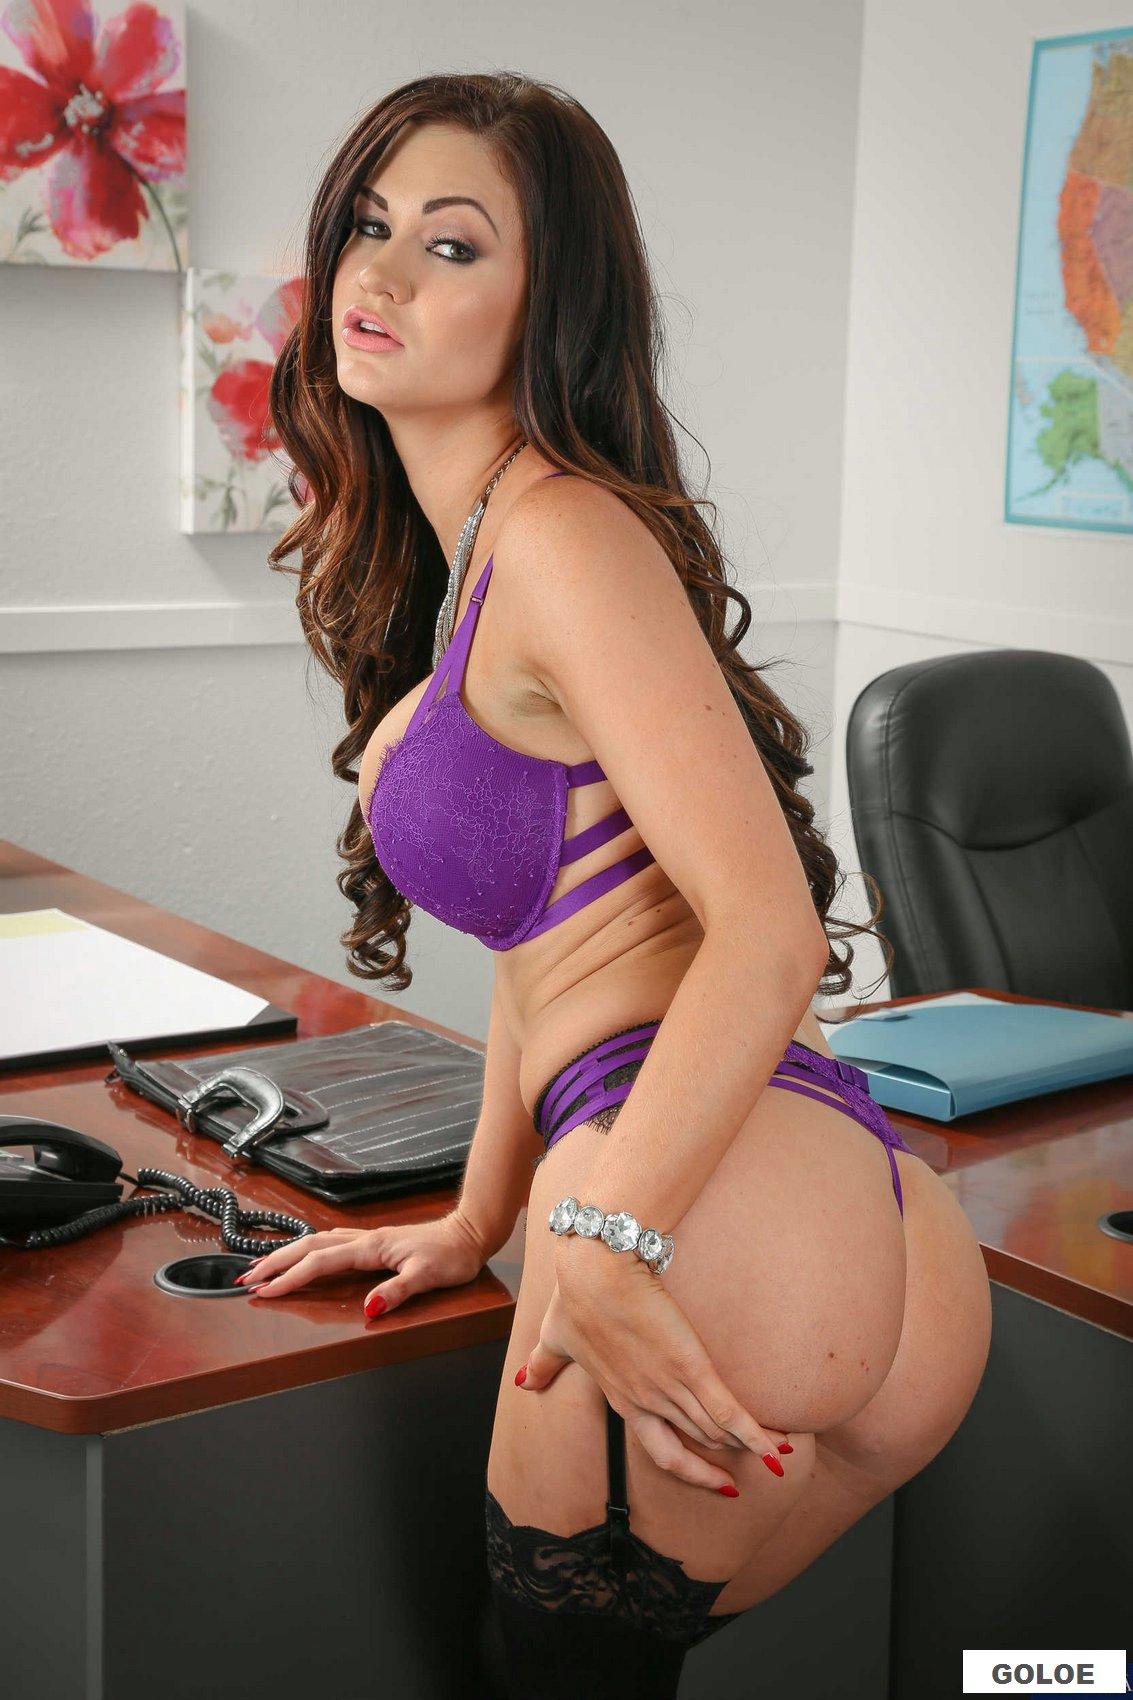 Голая девушка учительница на фото